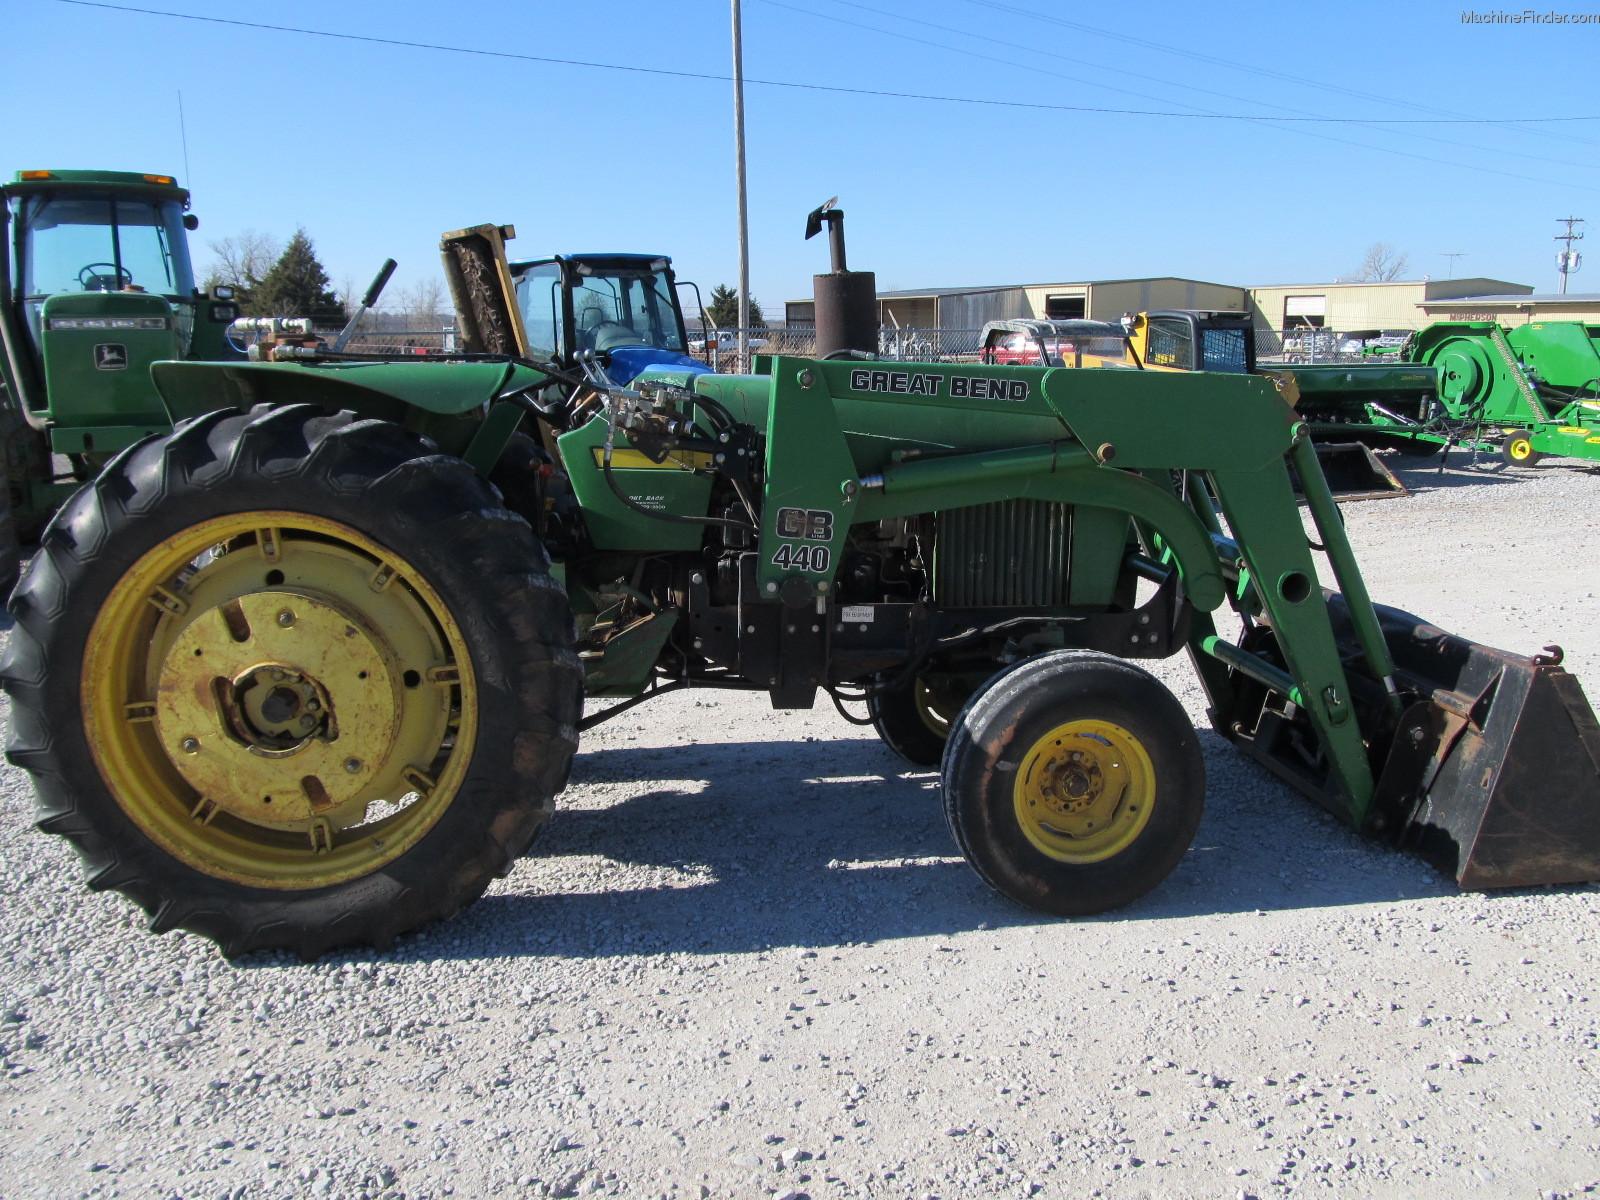 John Deere 2440 Tractors - Utility (40-100hp) - John Deere ...